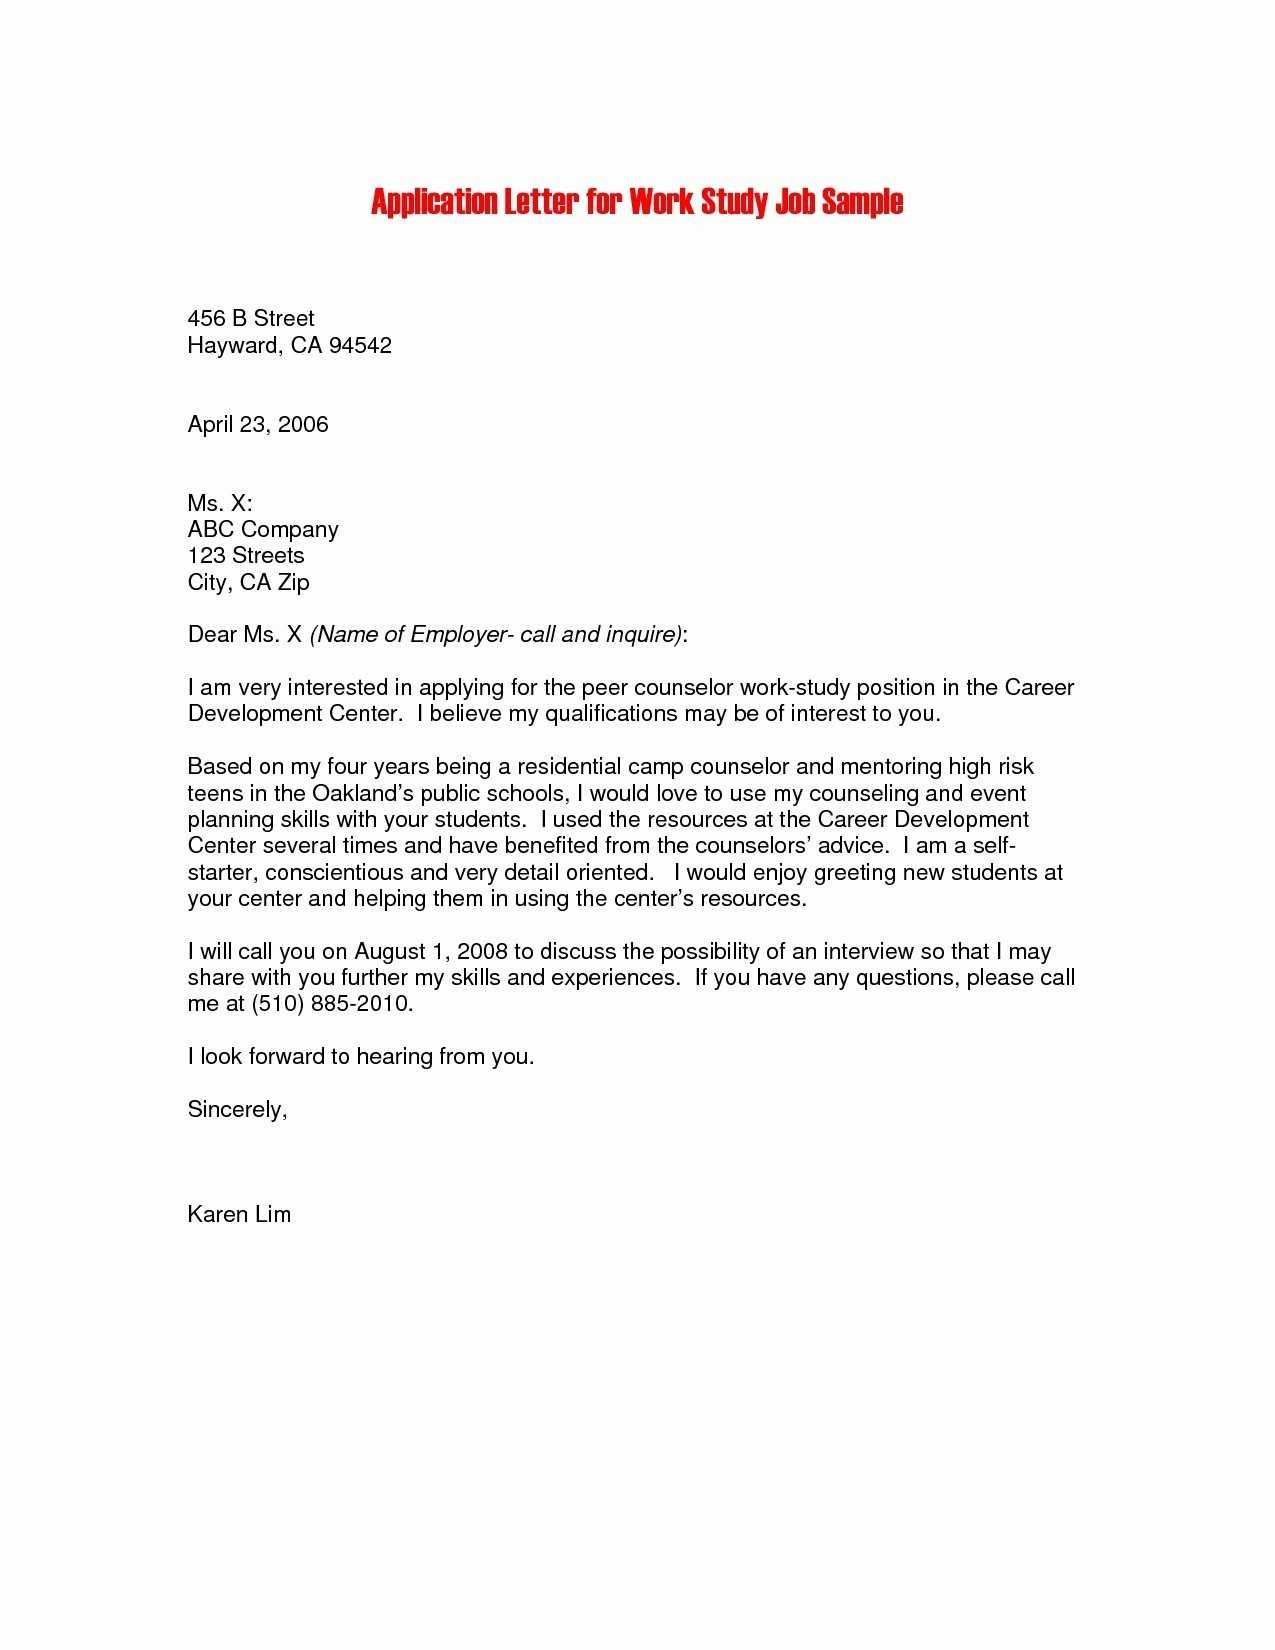 motivation-letter-for-job-application-pdf-sample-refrence-business-letter-format-job-request-copy-sample-email-cover-letter-of-motivation-letter-for-job-application-pdf-sample